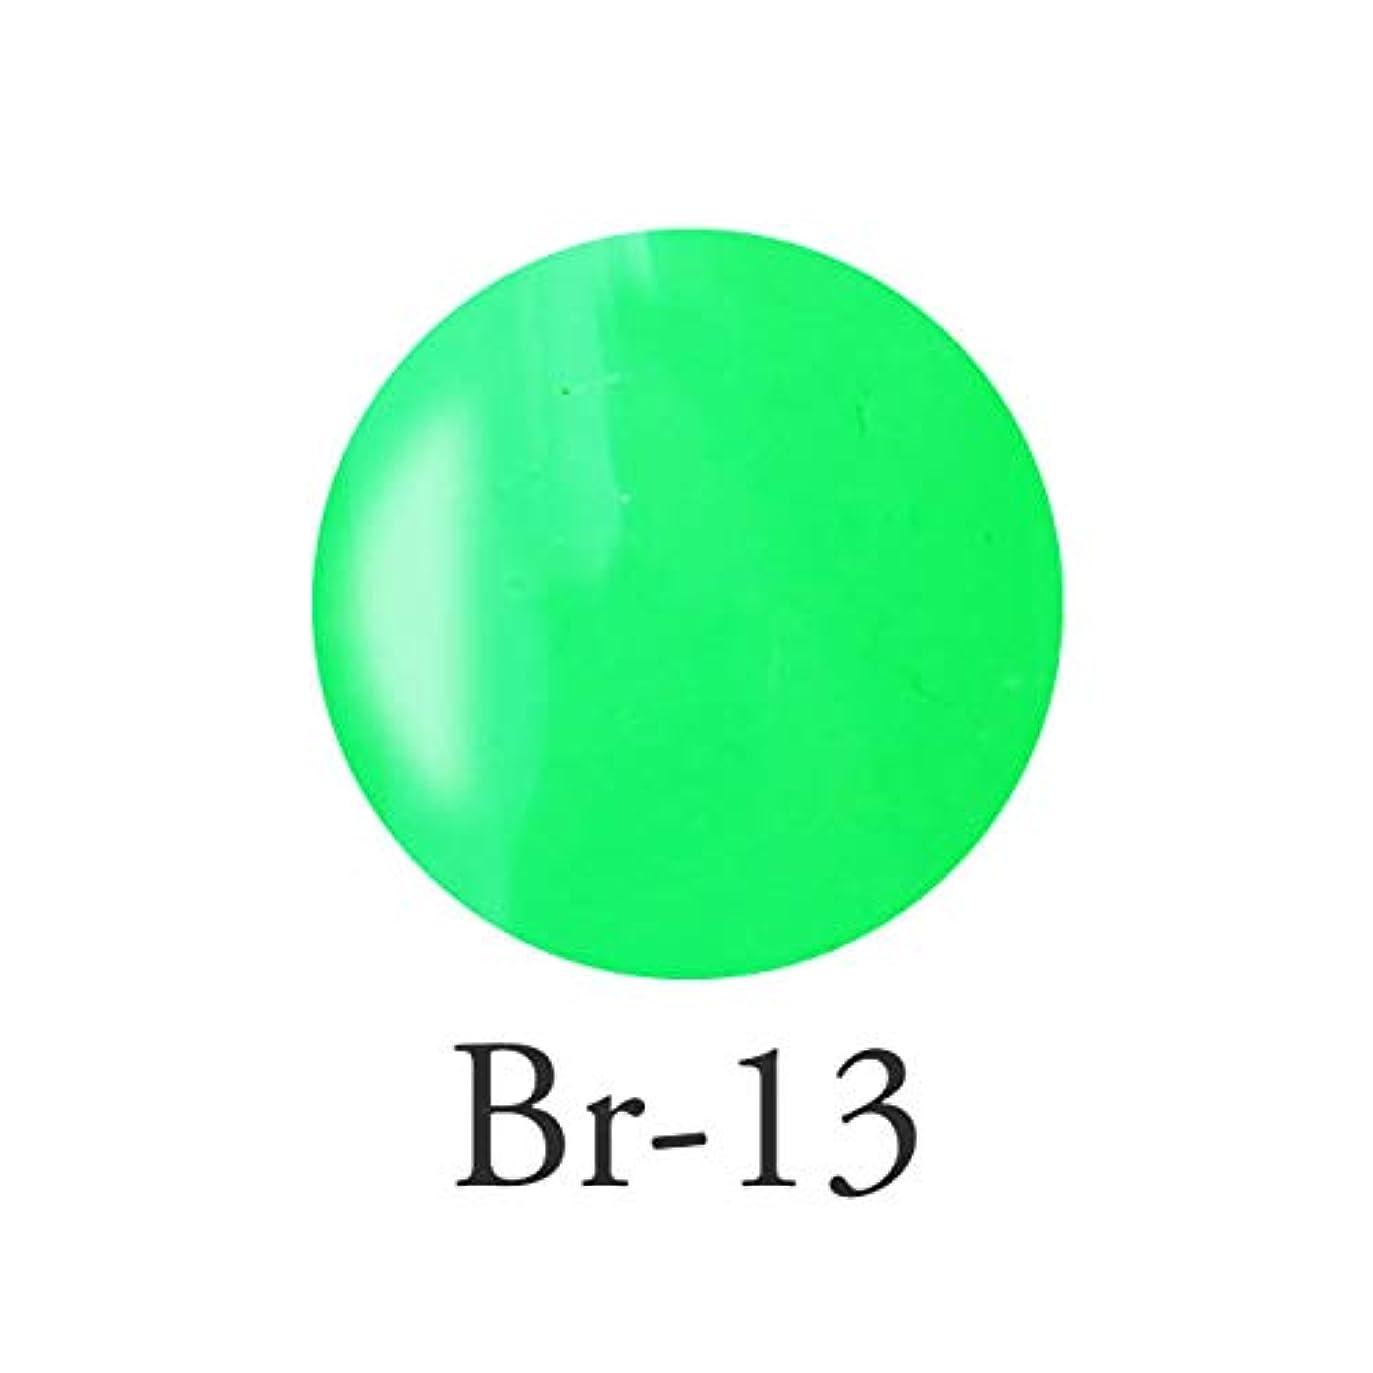 キャビン病的どこかエンジェル クィーンカラージェル レオノールグリーン Br-13 3g